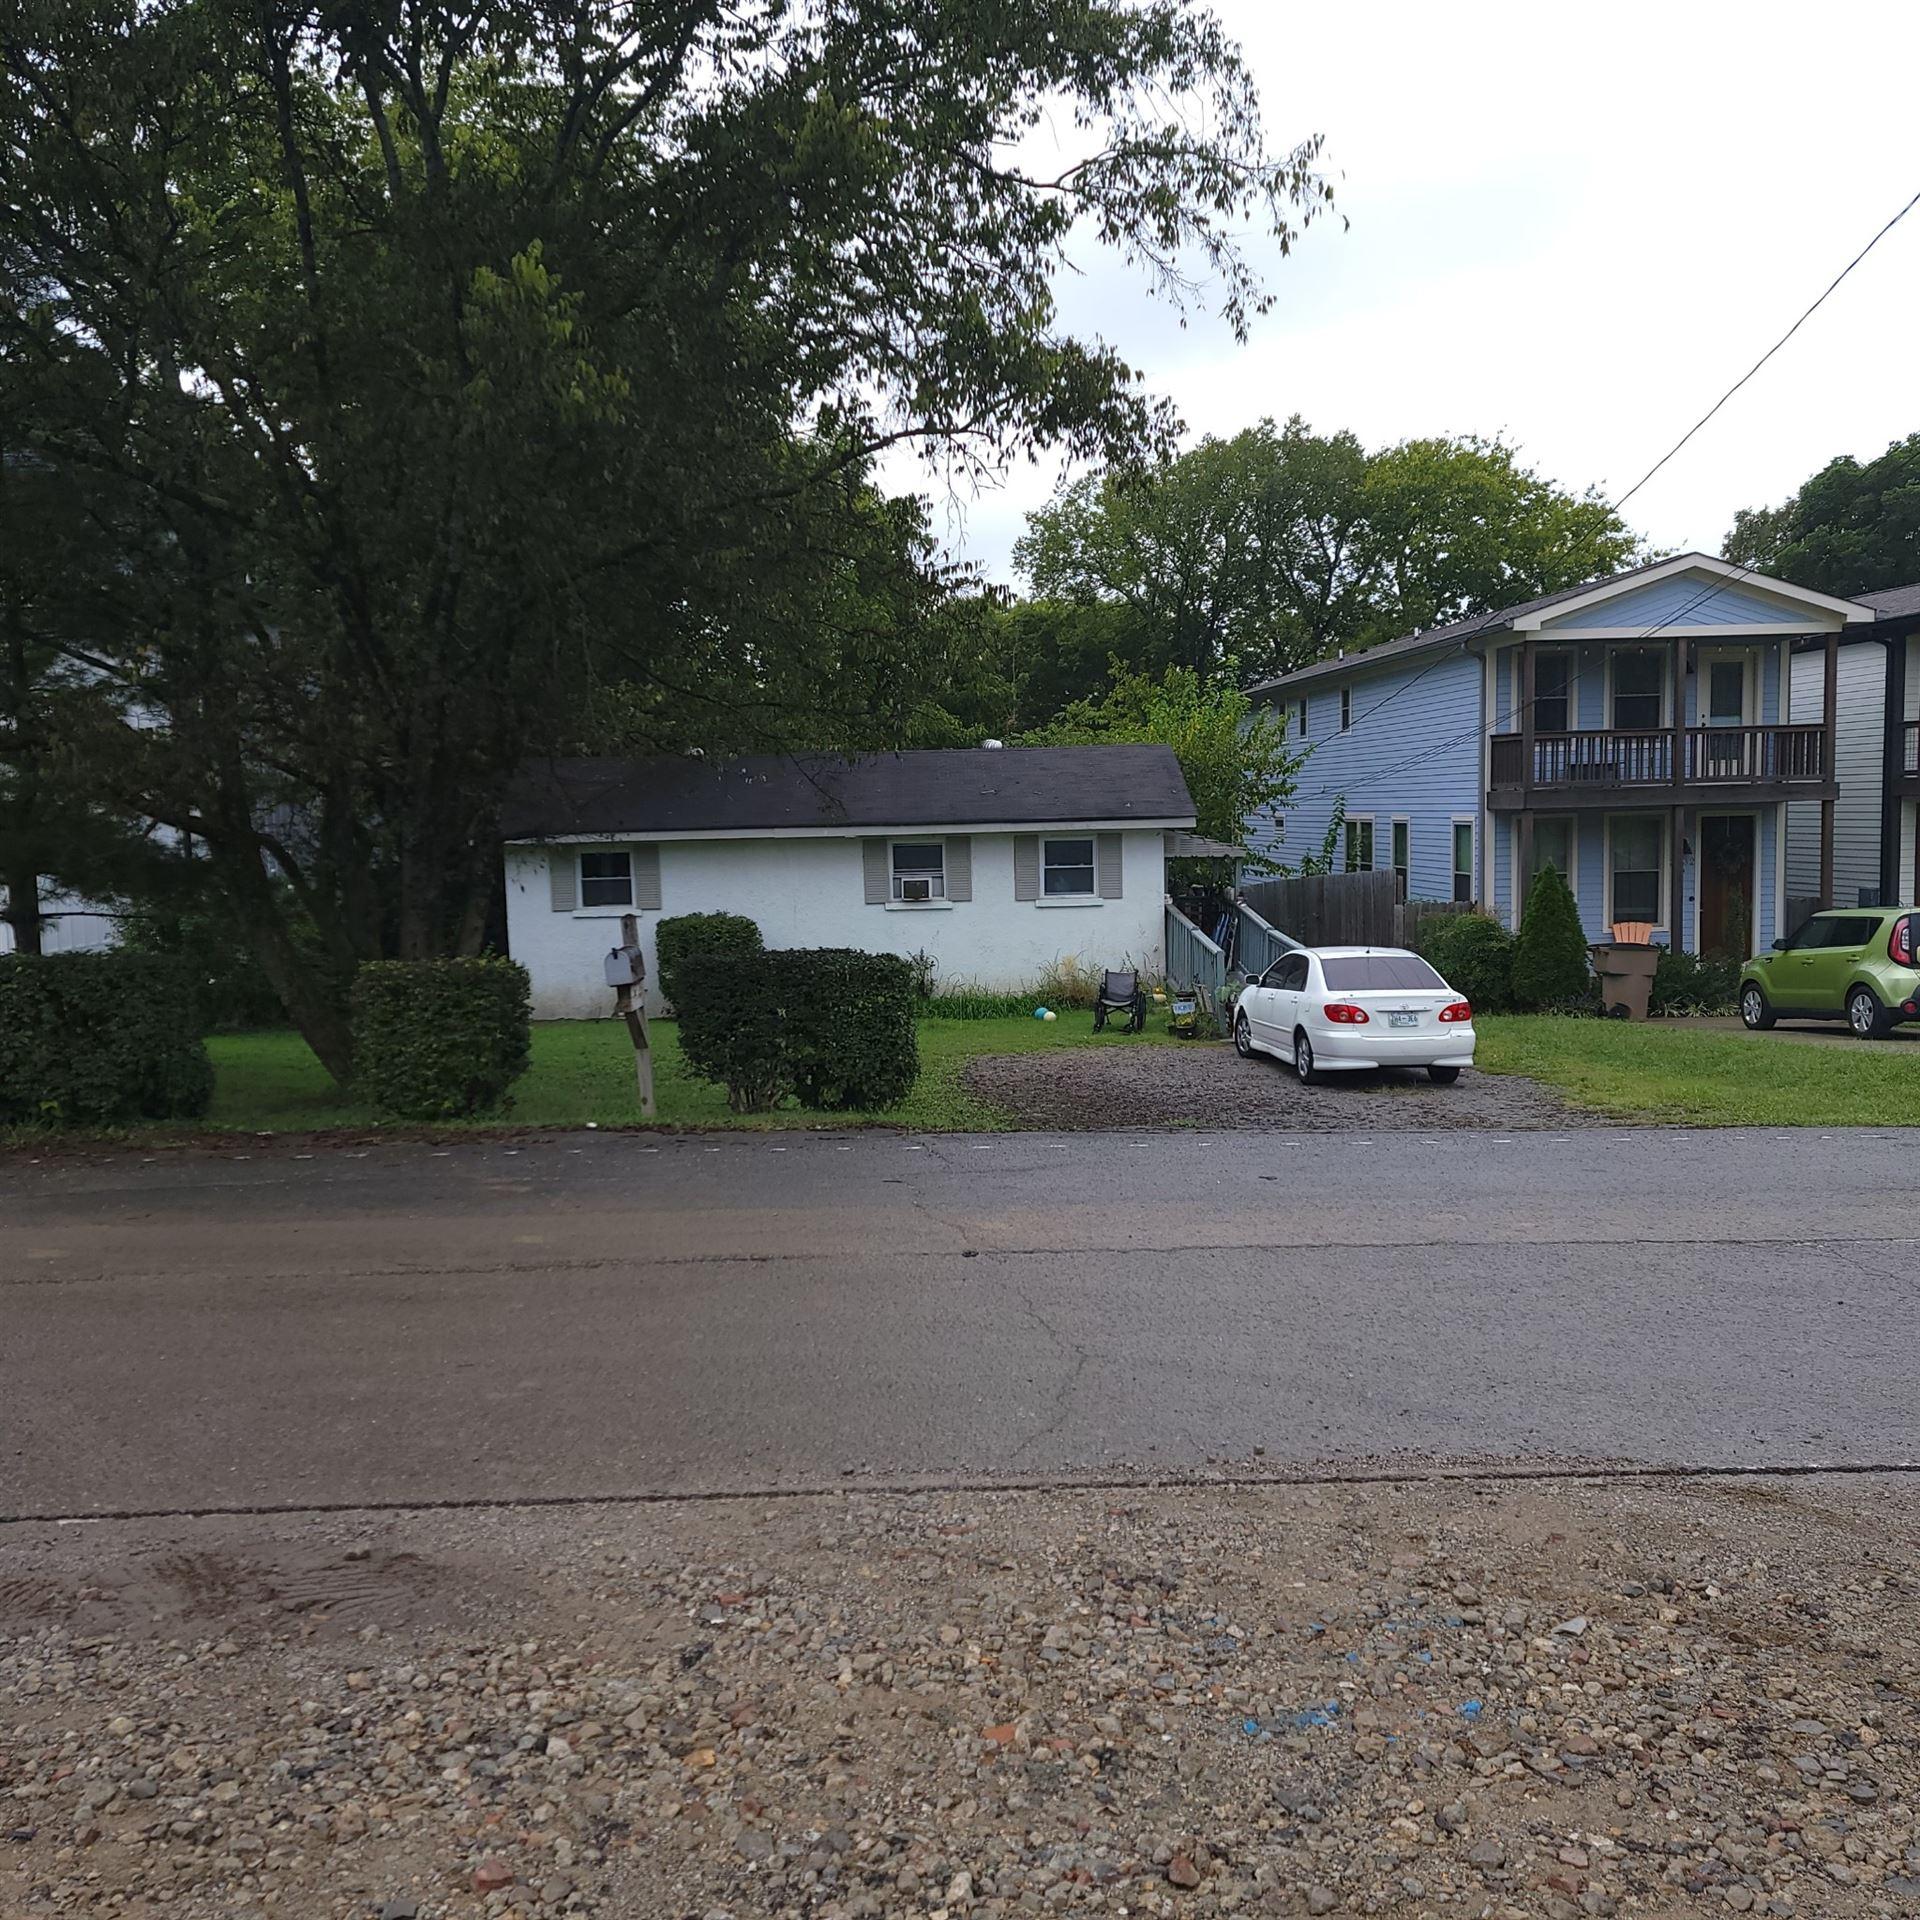 Photo of 2630 Pennington Ave, Nashville, TN 37216 (MLS # 2292892)